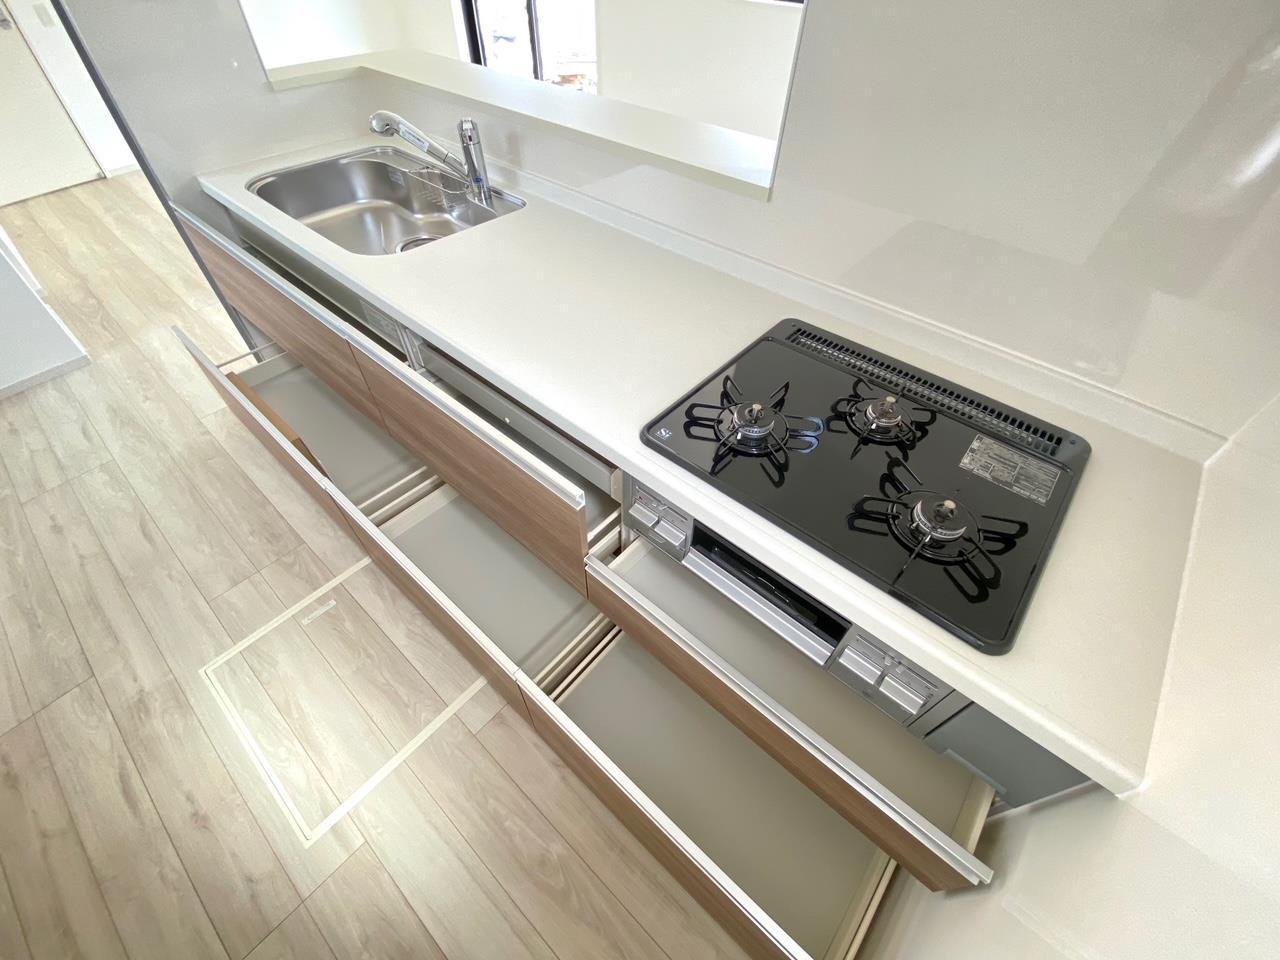 キッチン*キッチン|/全スライド収納♪お皿や鍋の出し入れもラクラクです(^^)☆